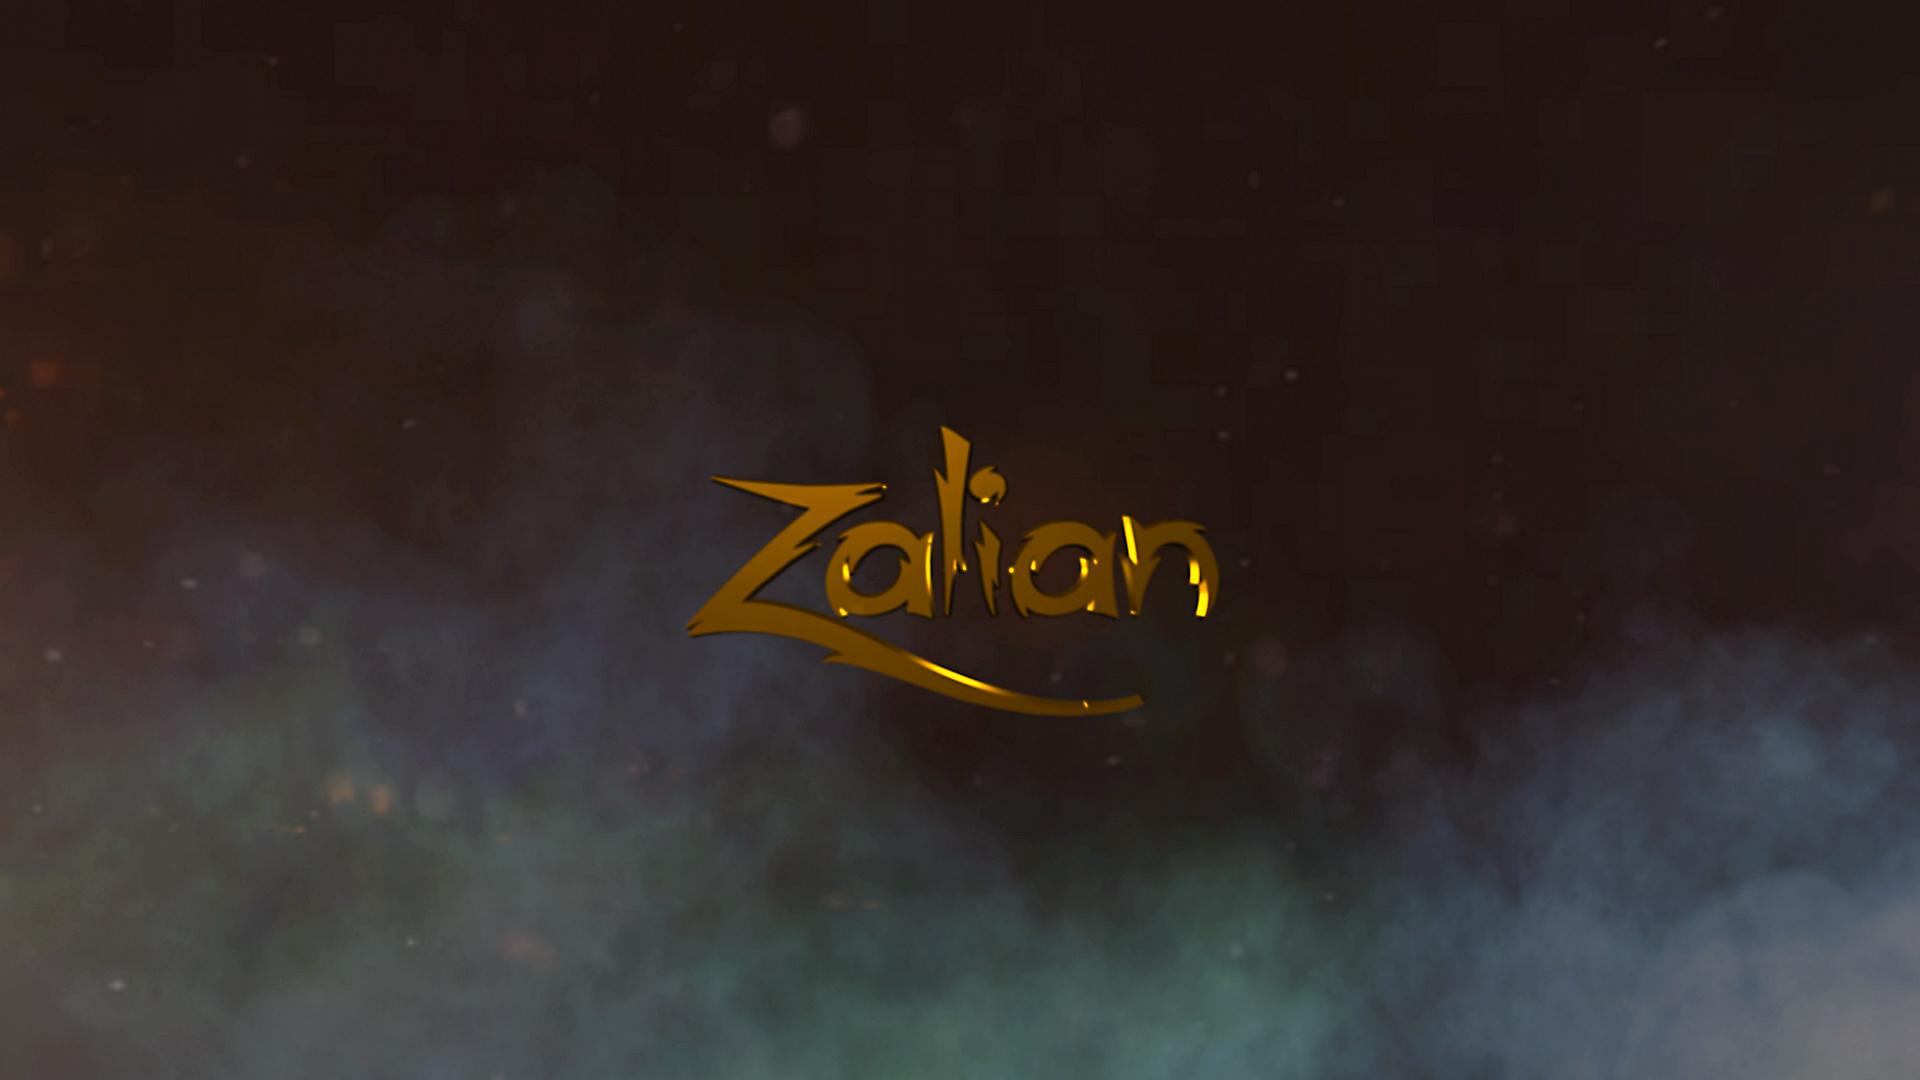 Zalian